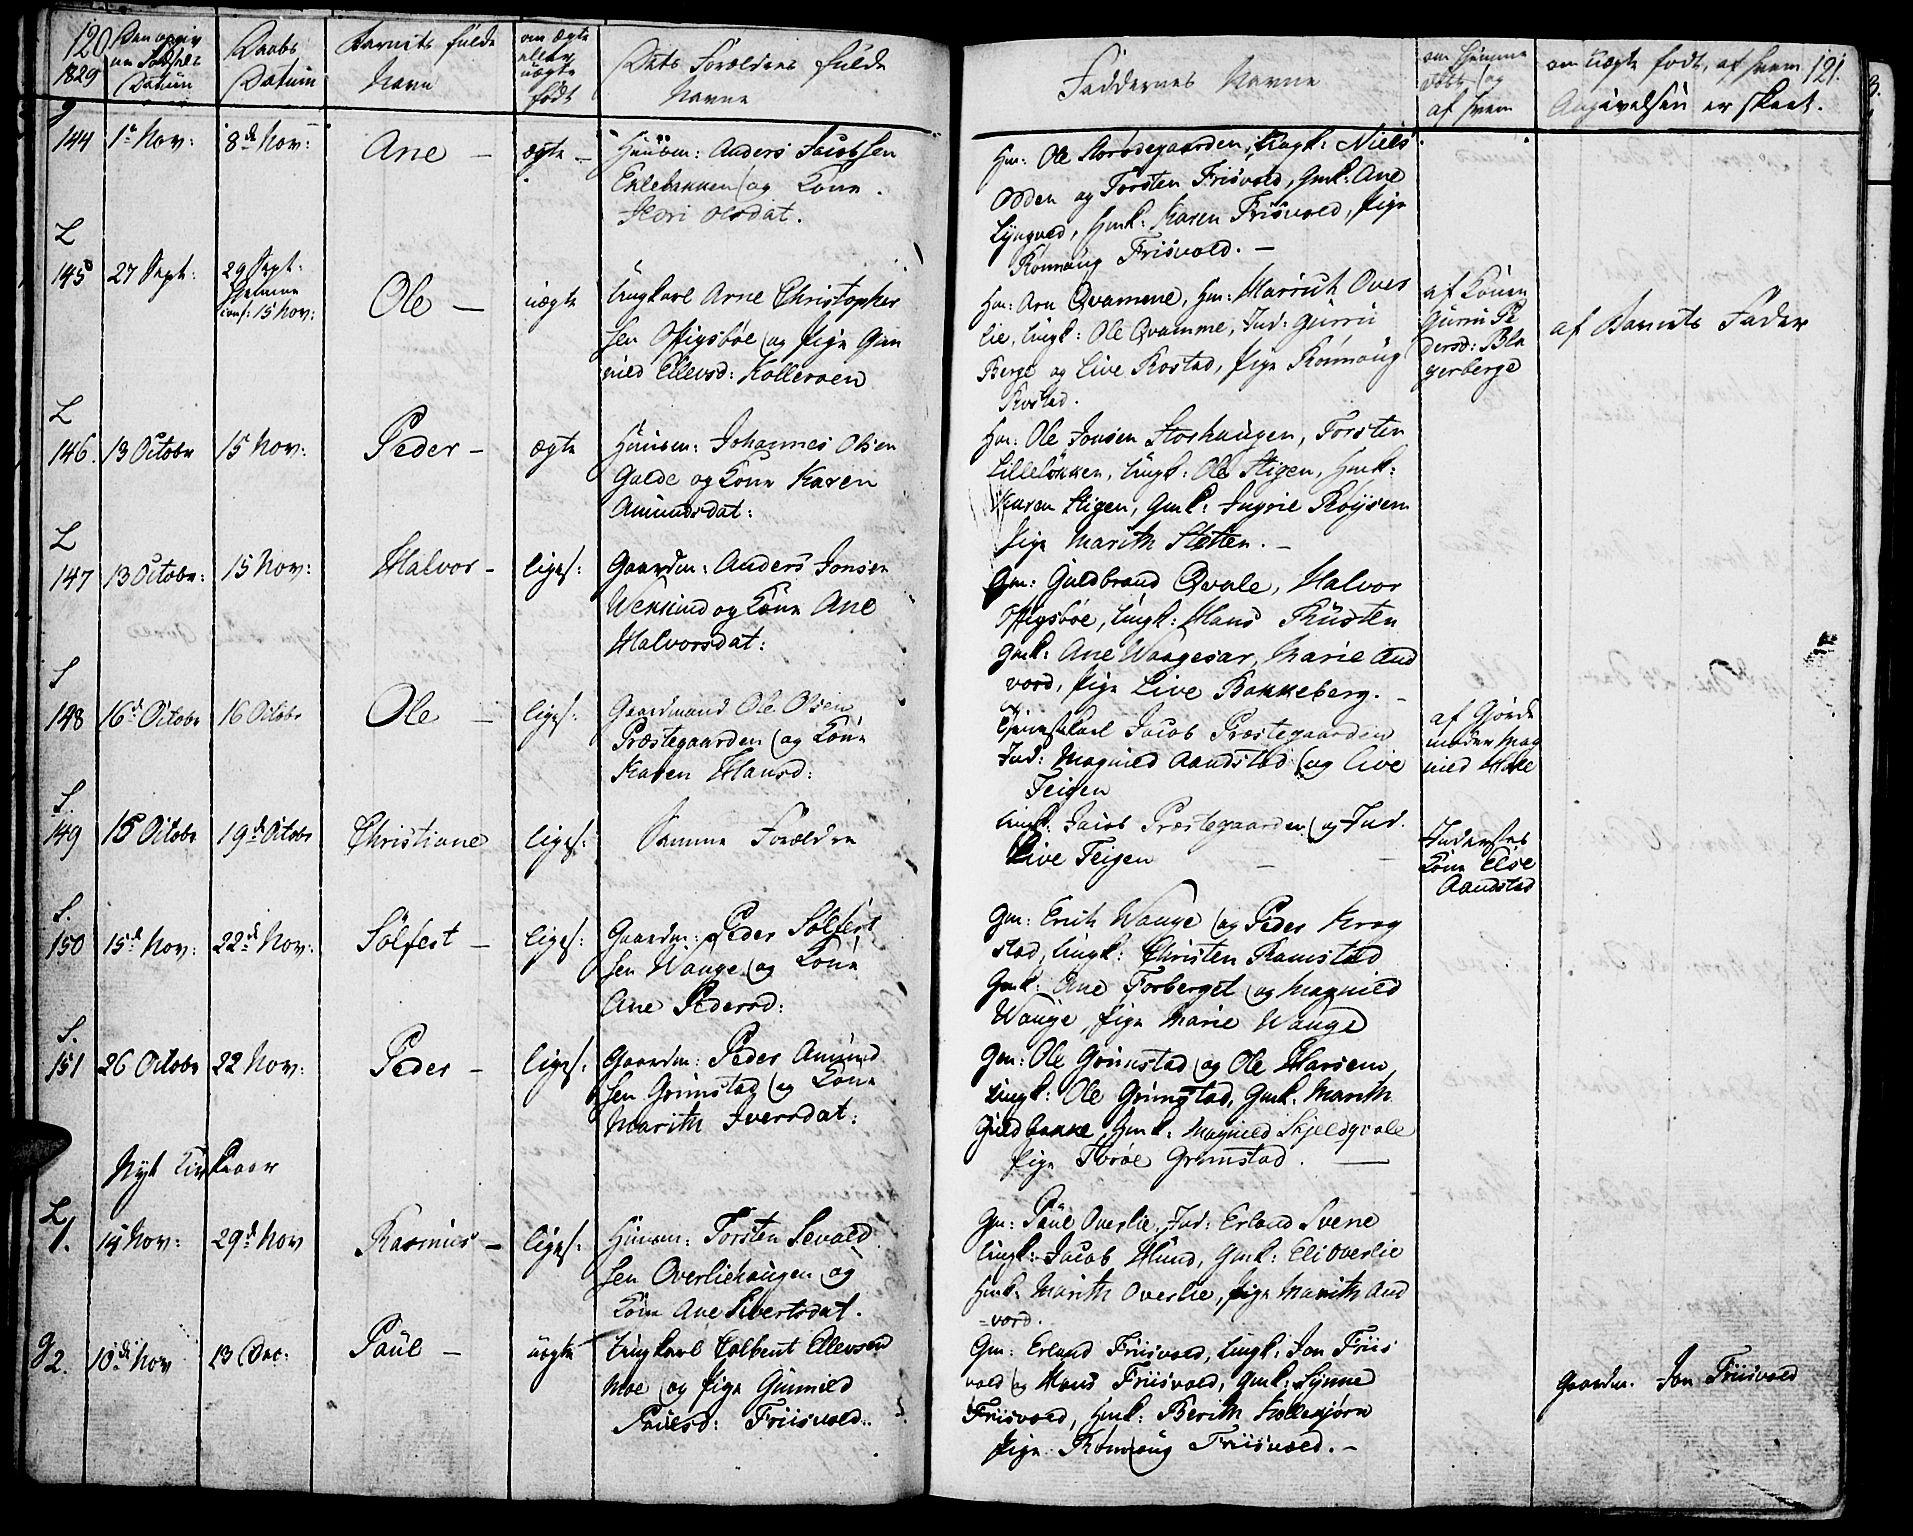 SAH, Lom prestekontor, K/L0005: Ministerialbok nr. 5, 1825-1837, s. 120-121